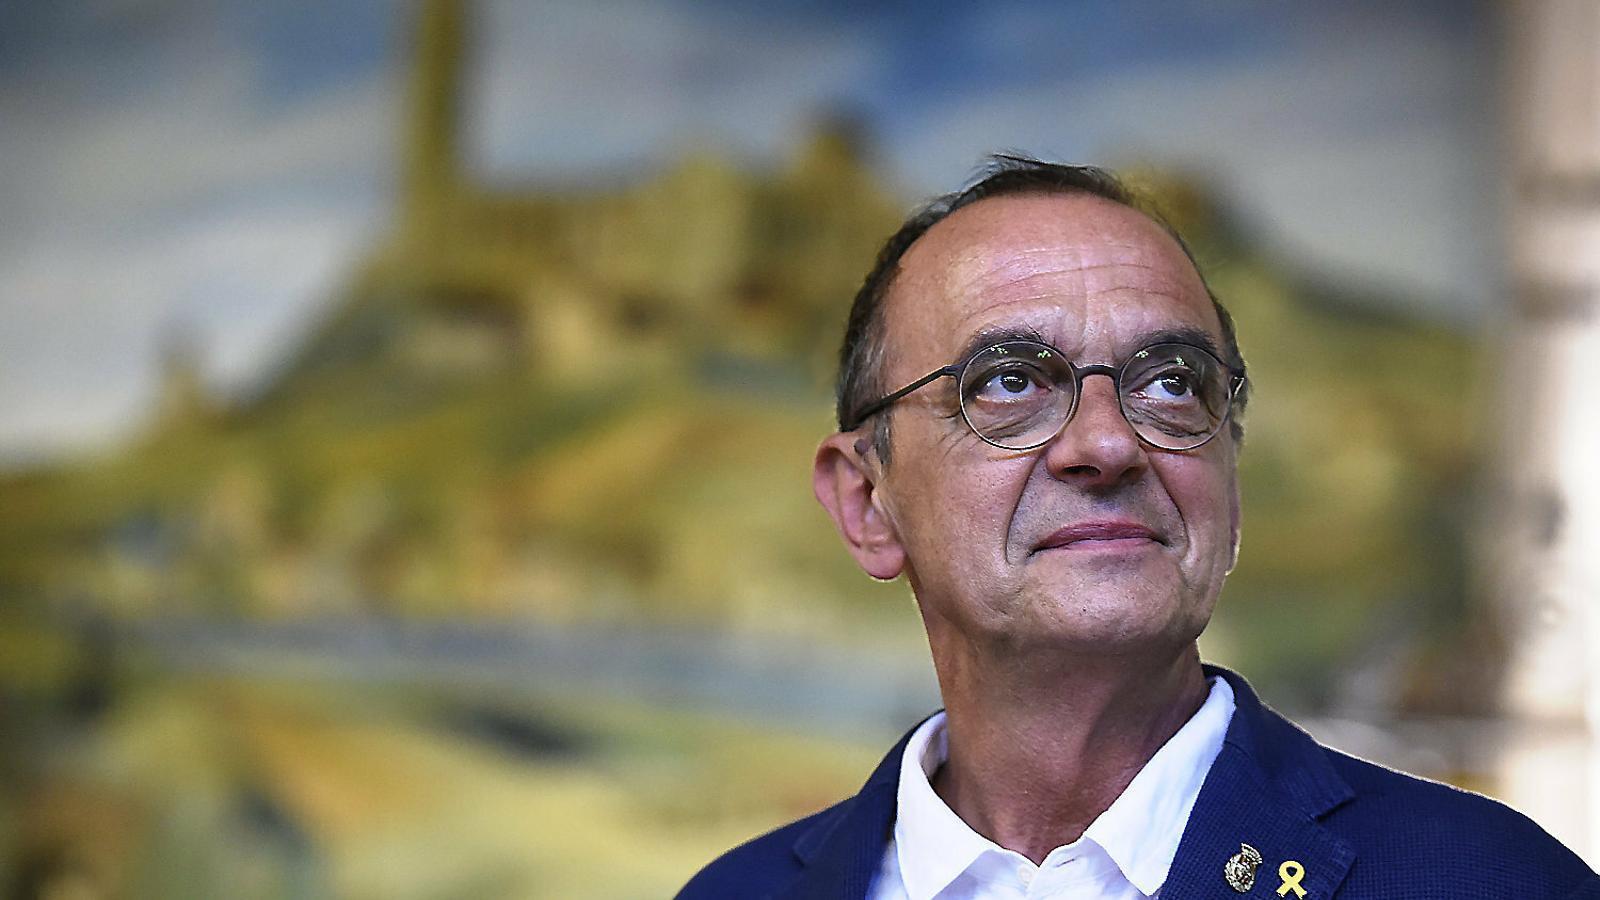 EN DIRECTE | Roda de premsa del Paer en Cap, Miquel Pueyo, sobre el confinament a Lleida